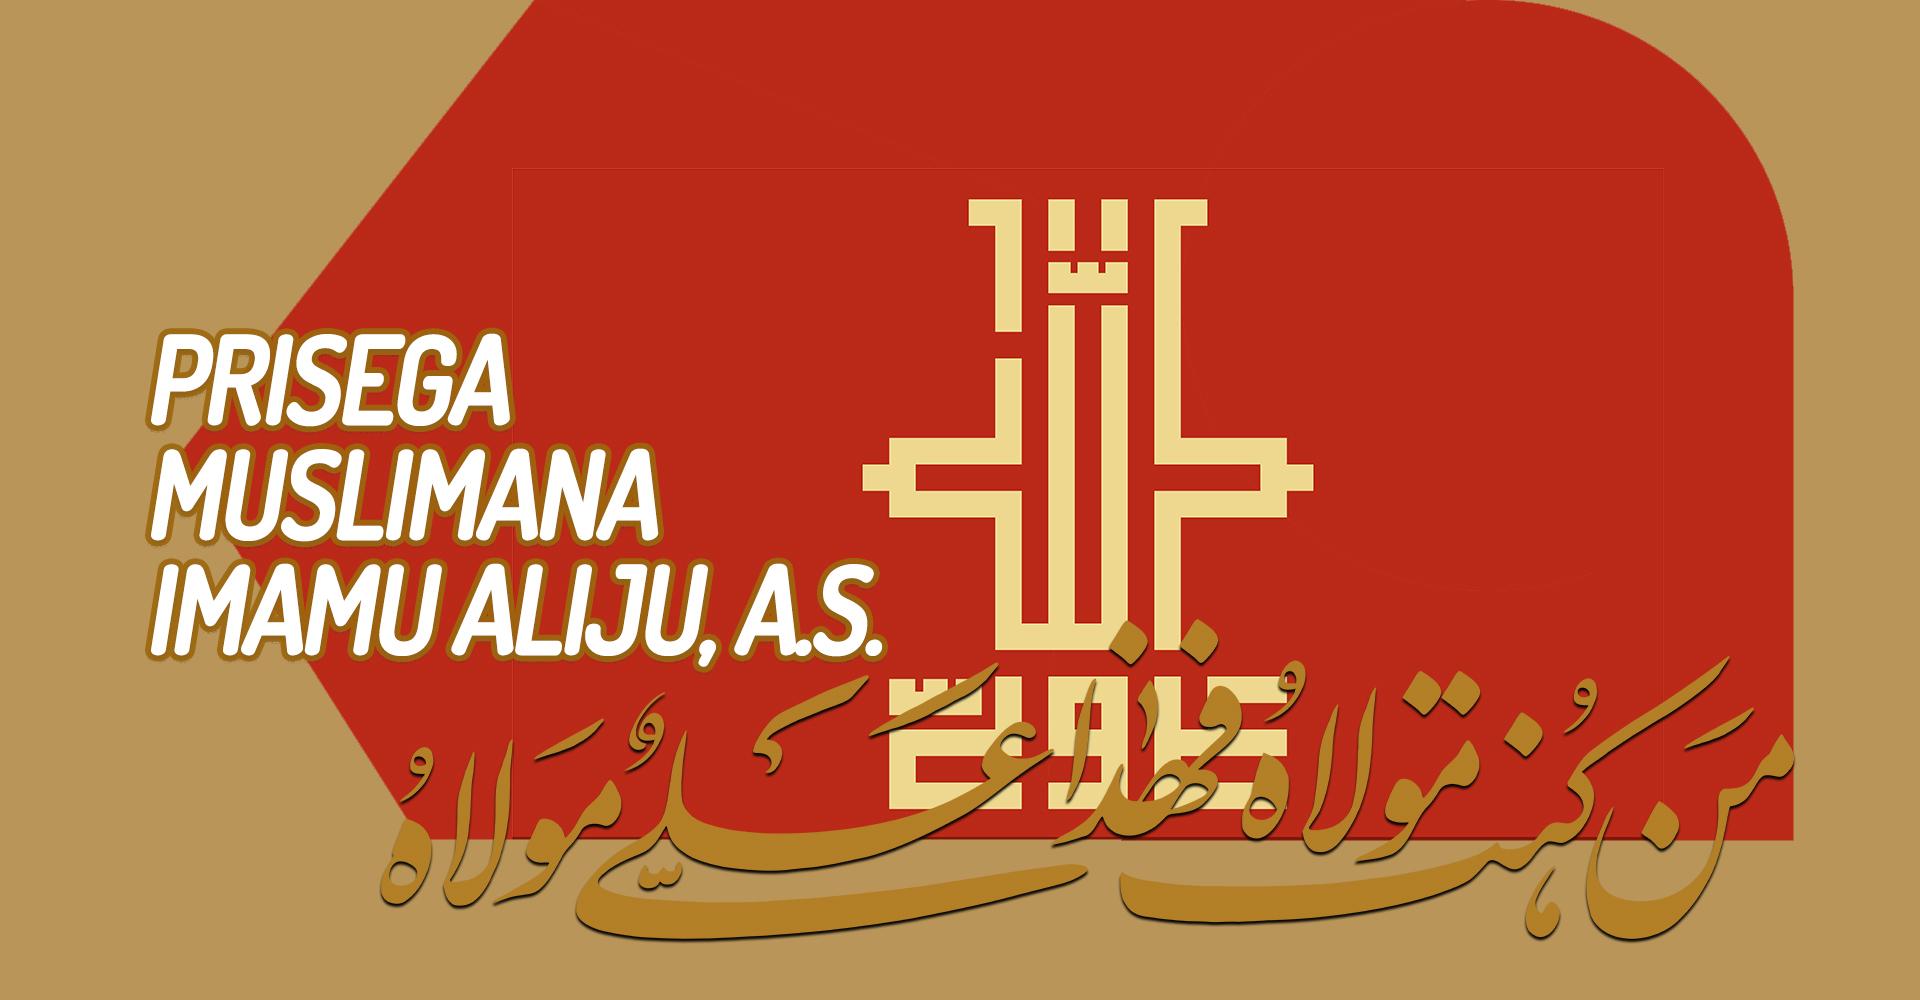 Prisega muslimana Imamu Aliju, a.s.